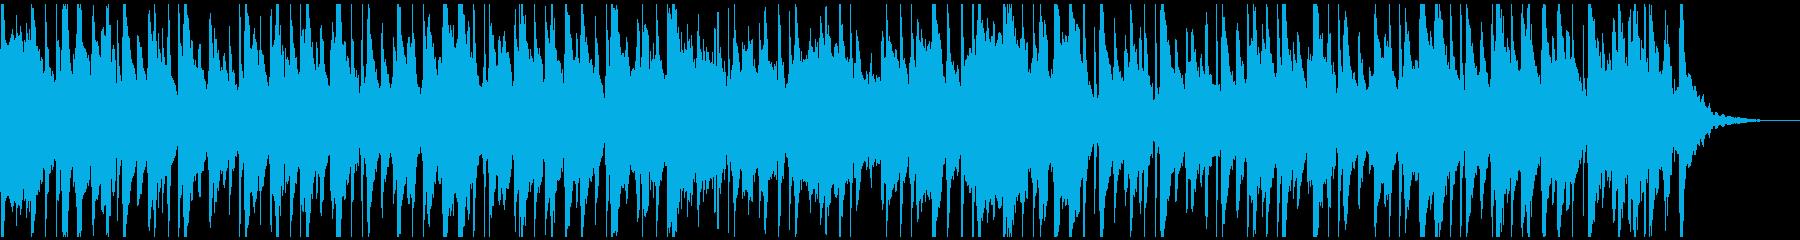 童謡「春よ来い」生楽器ウクレレアレンジの再生済みの波形